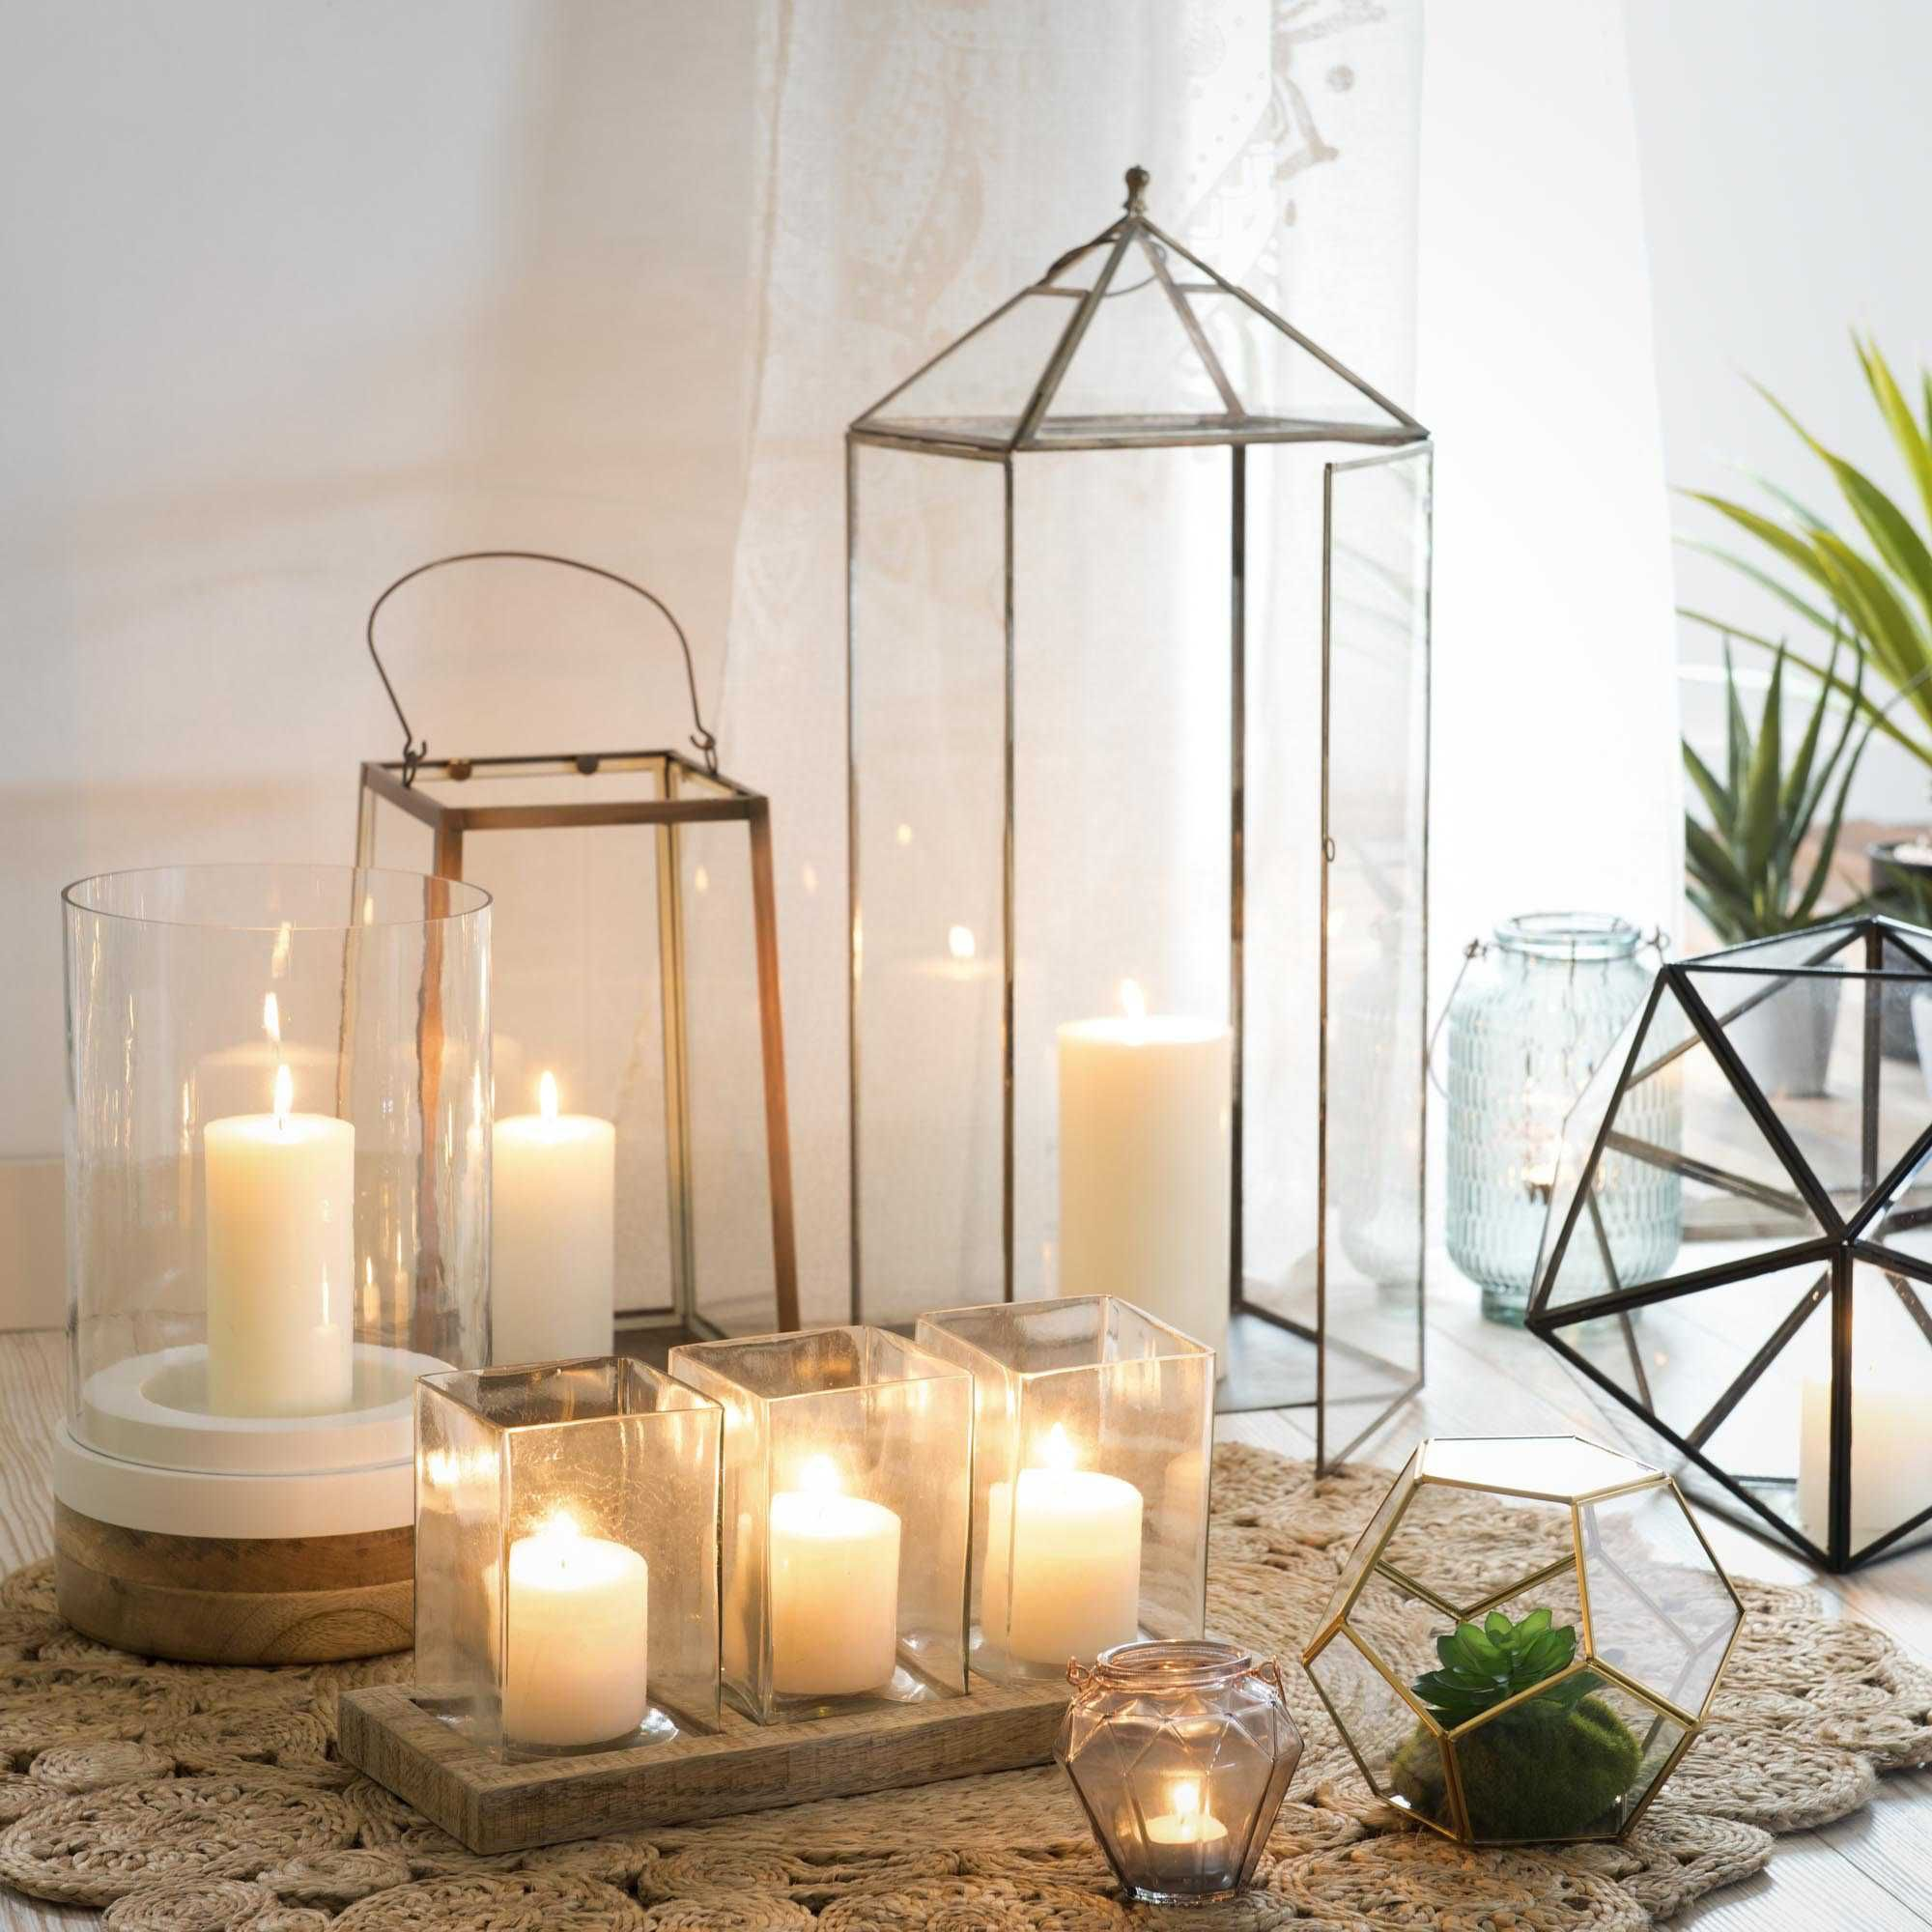 3 bougeoirs en verre support bois 18 x 39 cm helsinki maisons du monde stuff to buy. Black Bedroom Furniture Sets. Home Design Ideas